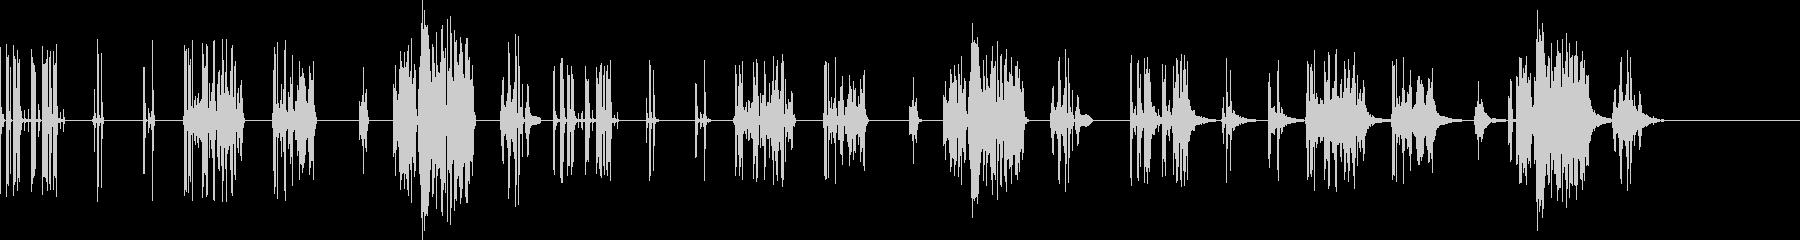 サンプルとホールド-7バージョンX...の未再生の波形